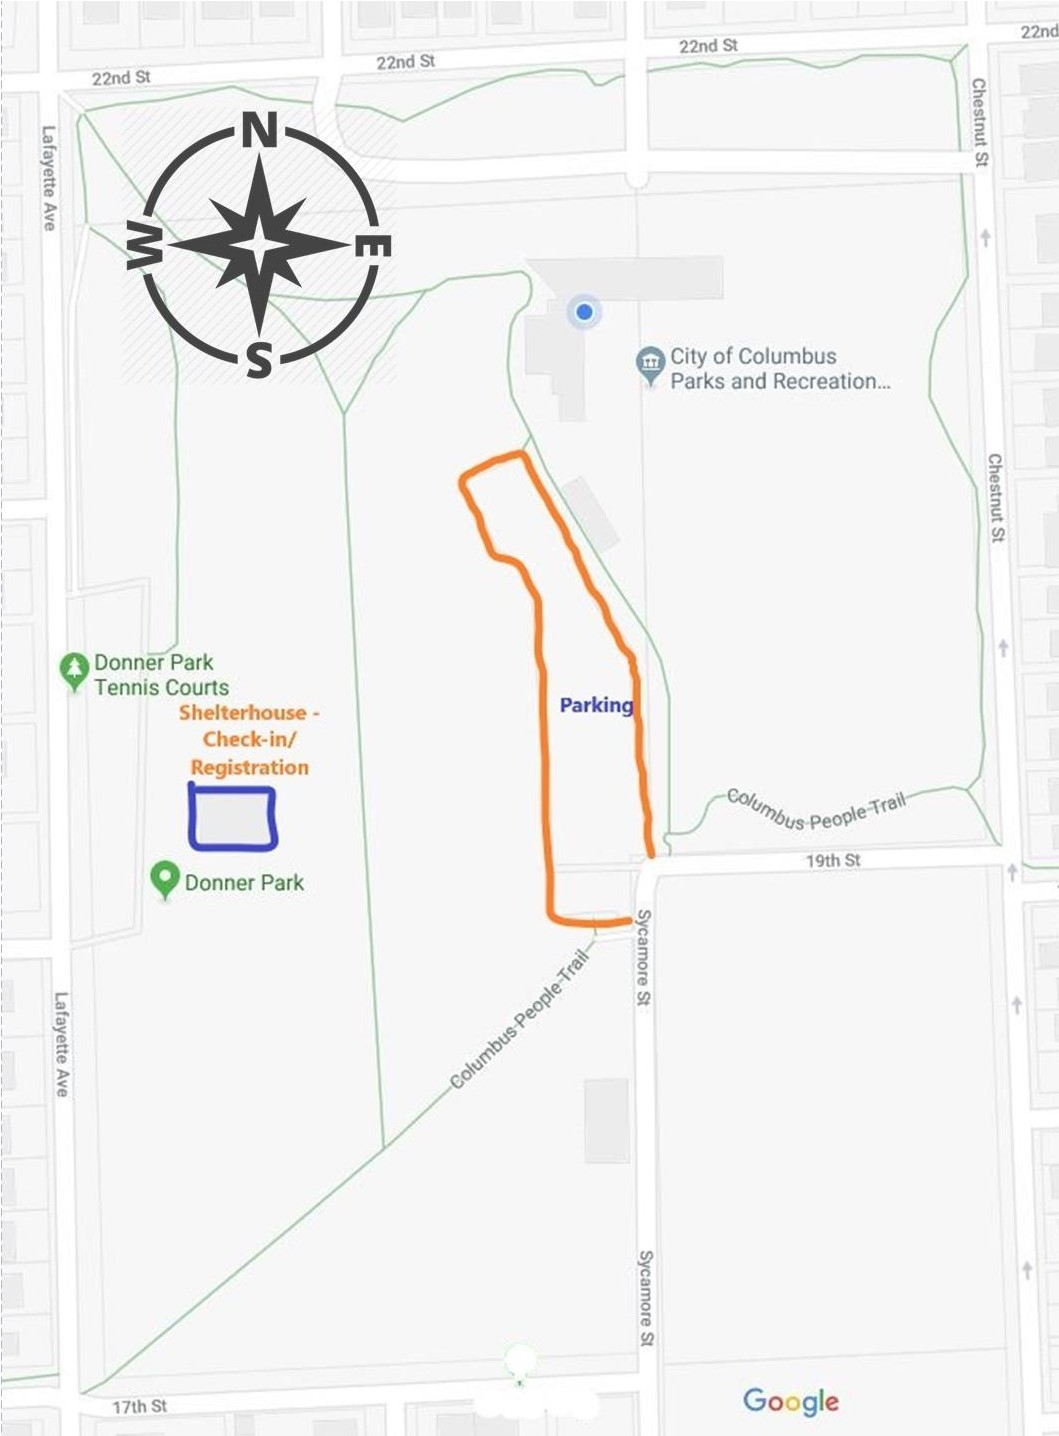 Duke Parking Lot Map | Wiring Diagram Database